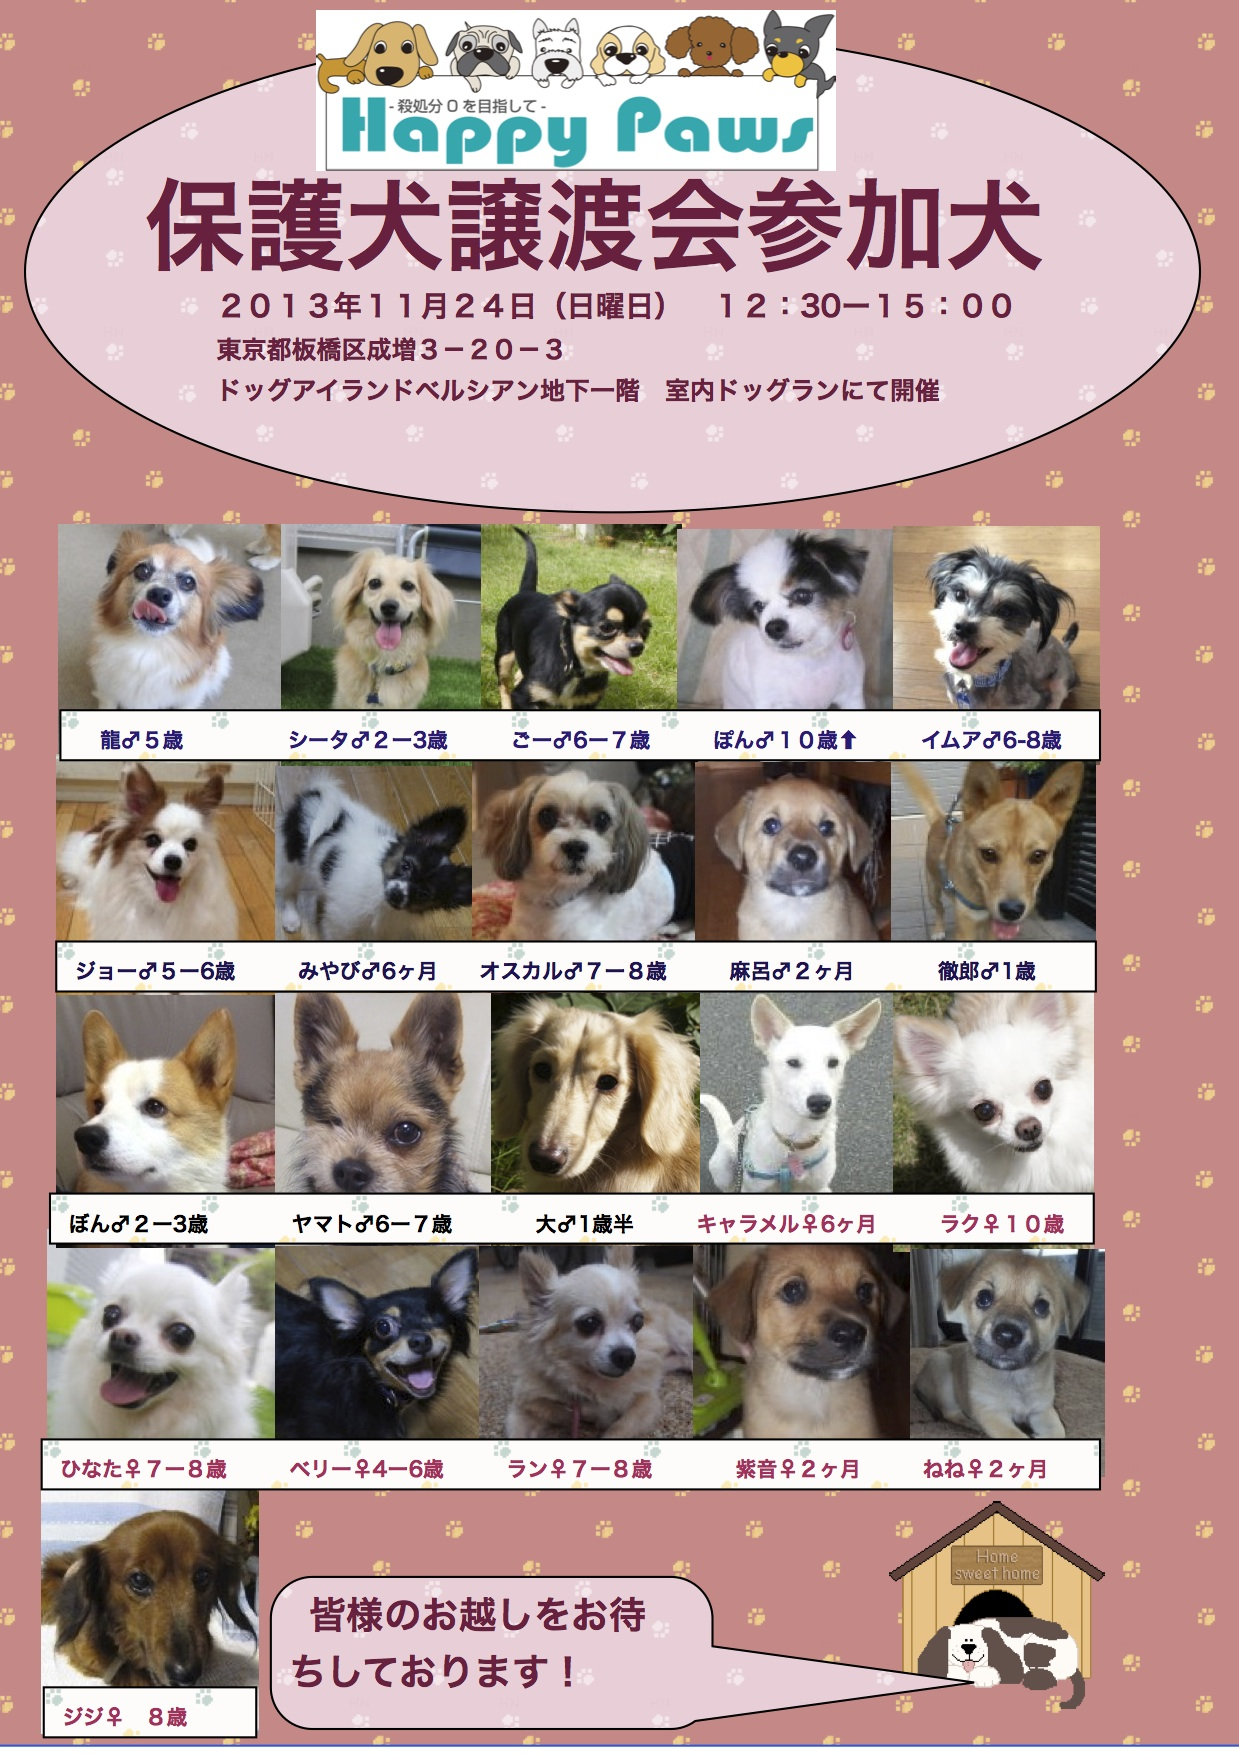 20131124里親会参加犬